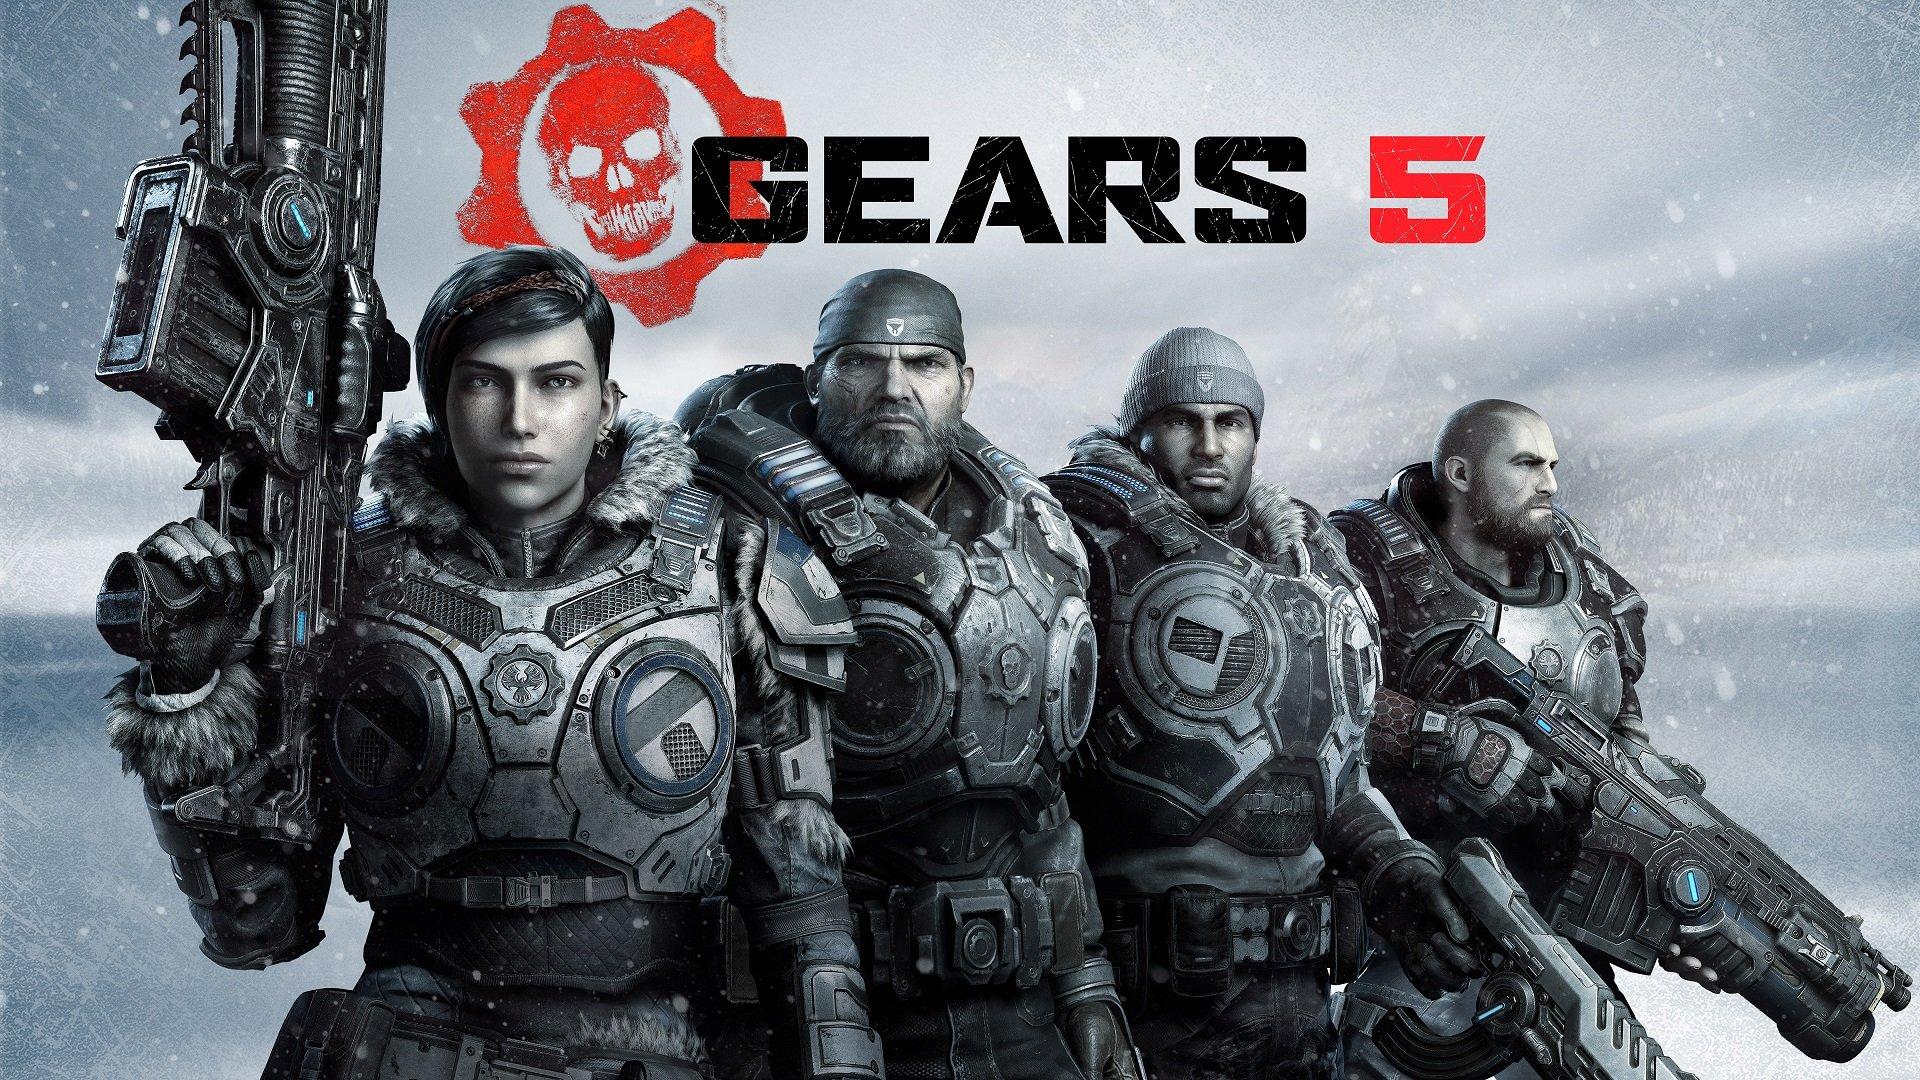 Steam一周销量排行榜 《遗迹:灰烬重生》三连冠《CSGO》柏林通行证第二